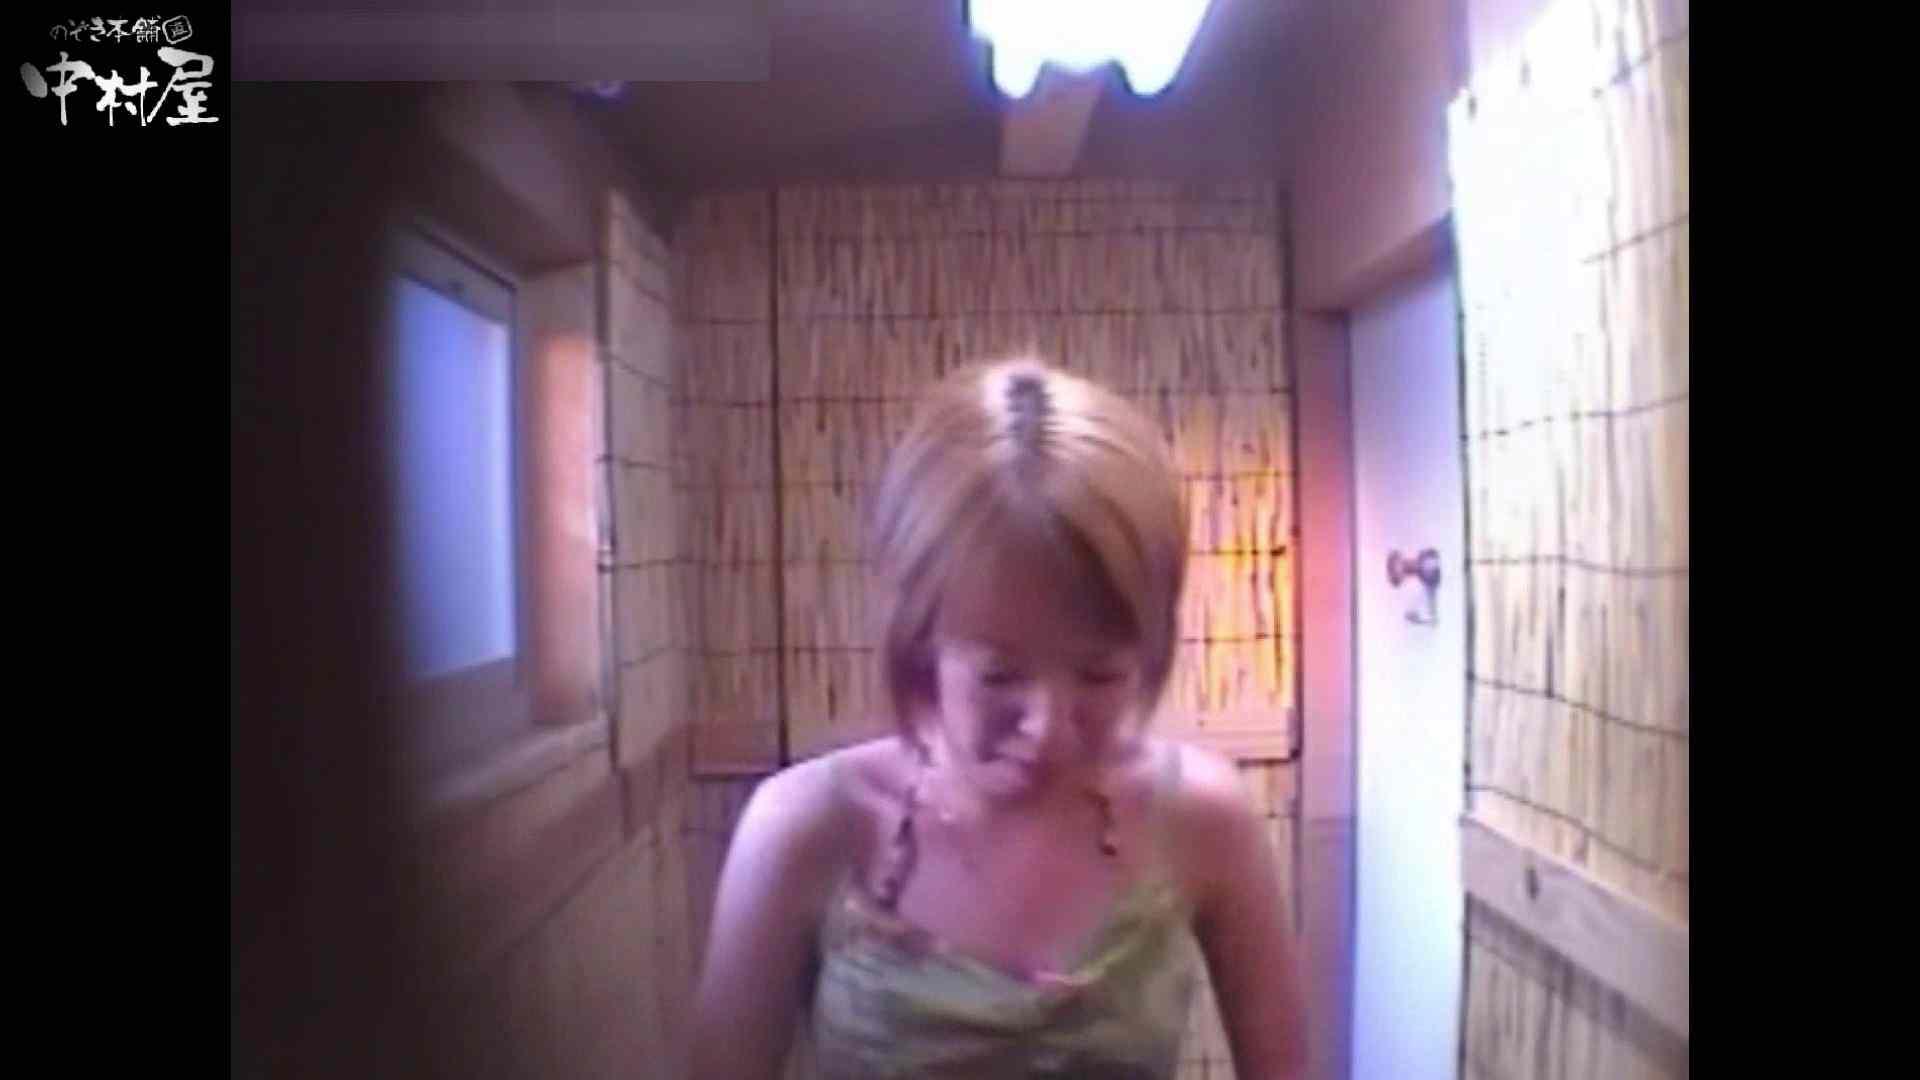 解禁!海の家4カメ洗面所vol.42 OLセックス 盗撮AV動画キャプチャ 110画像 42